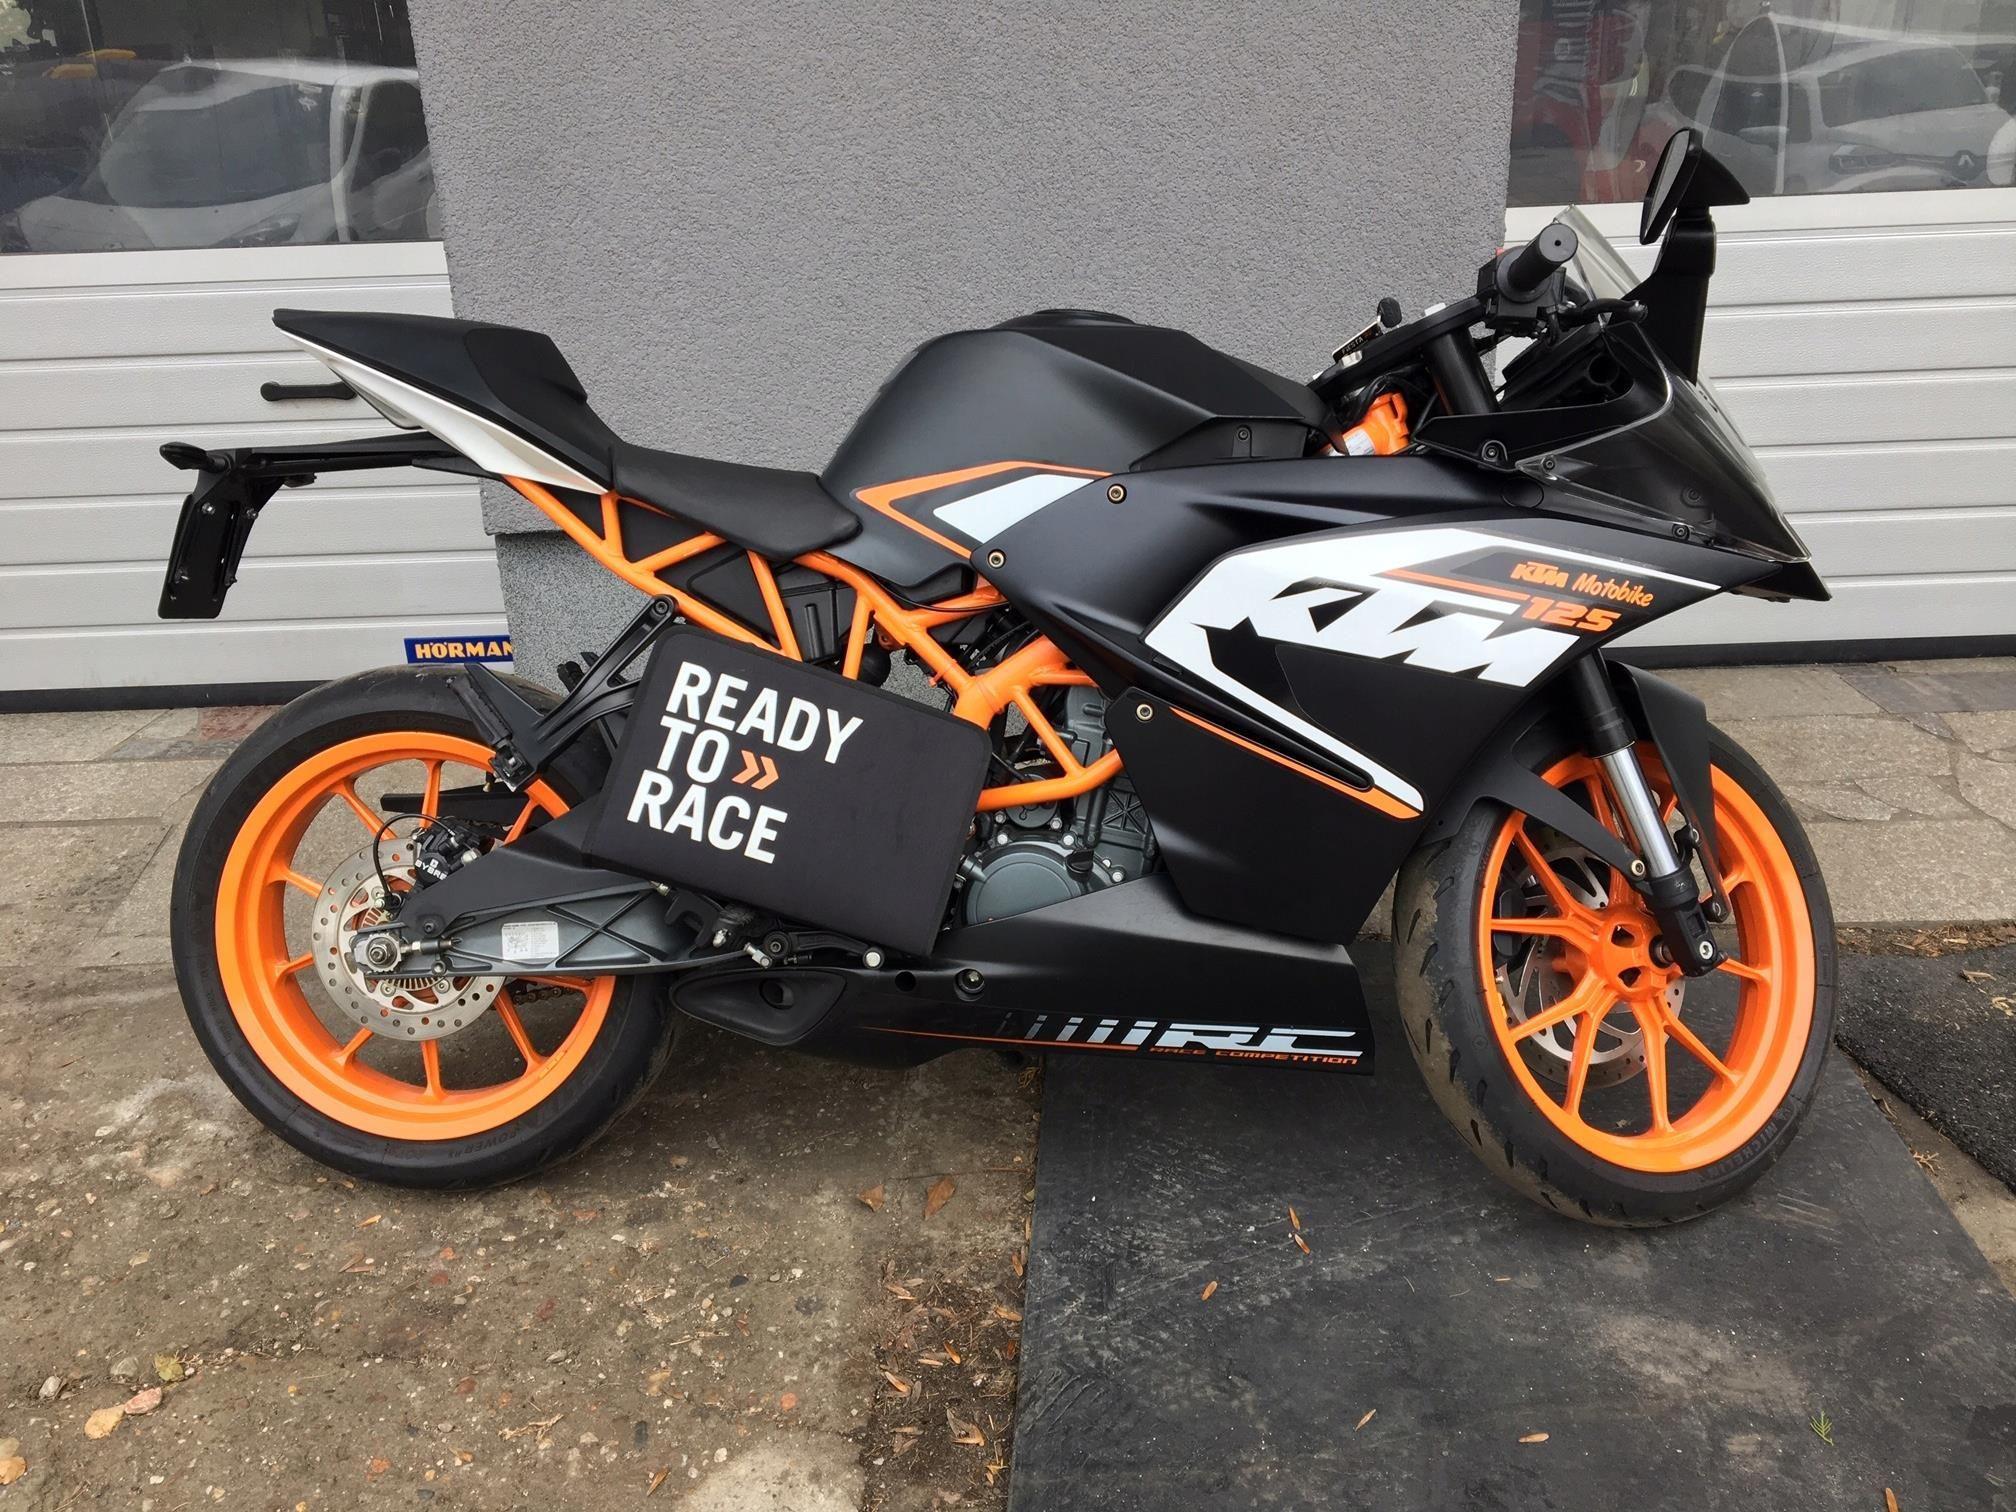 Motocykl Ktm Rc 125 Na Prawo Jazdy Kat B Opinie I Ceny Na Ceneo Pl